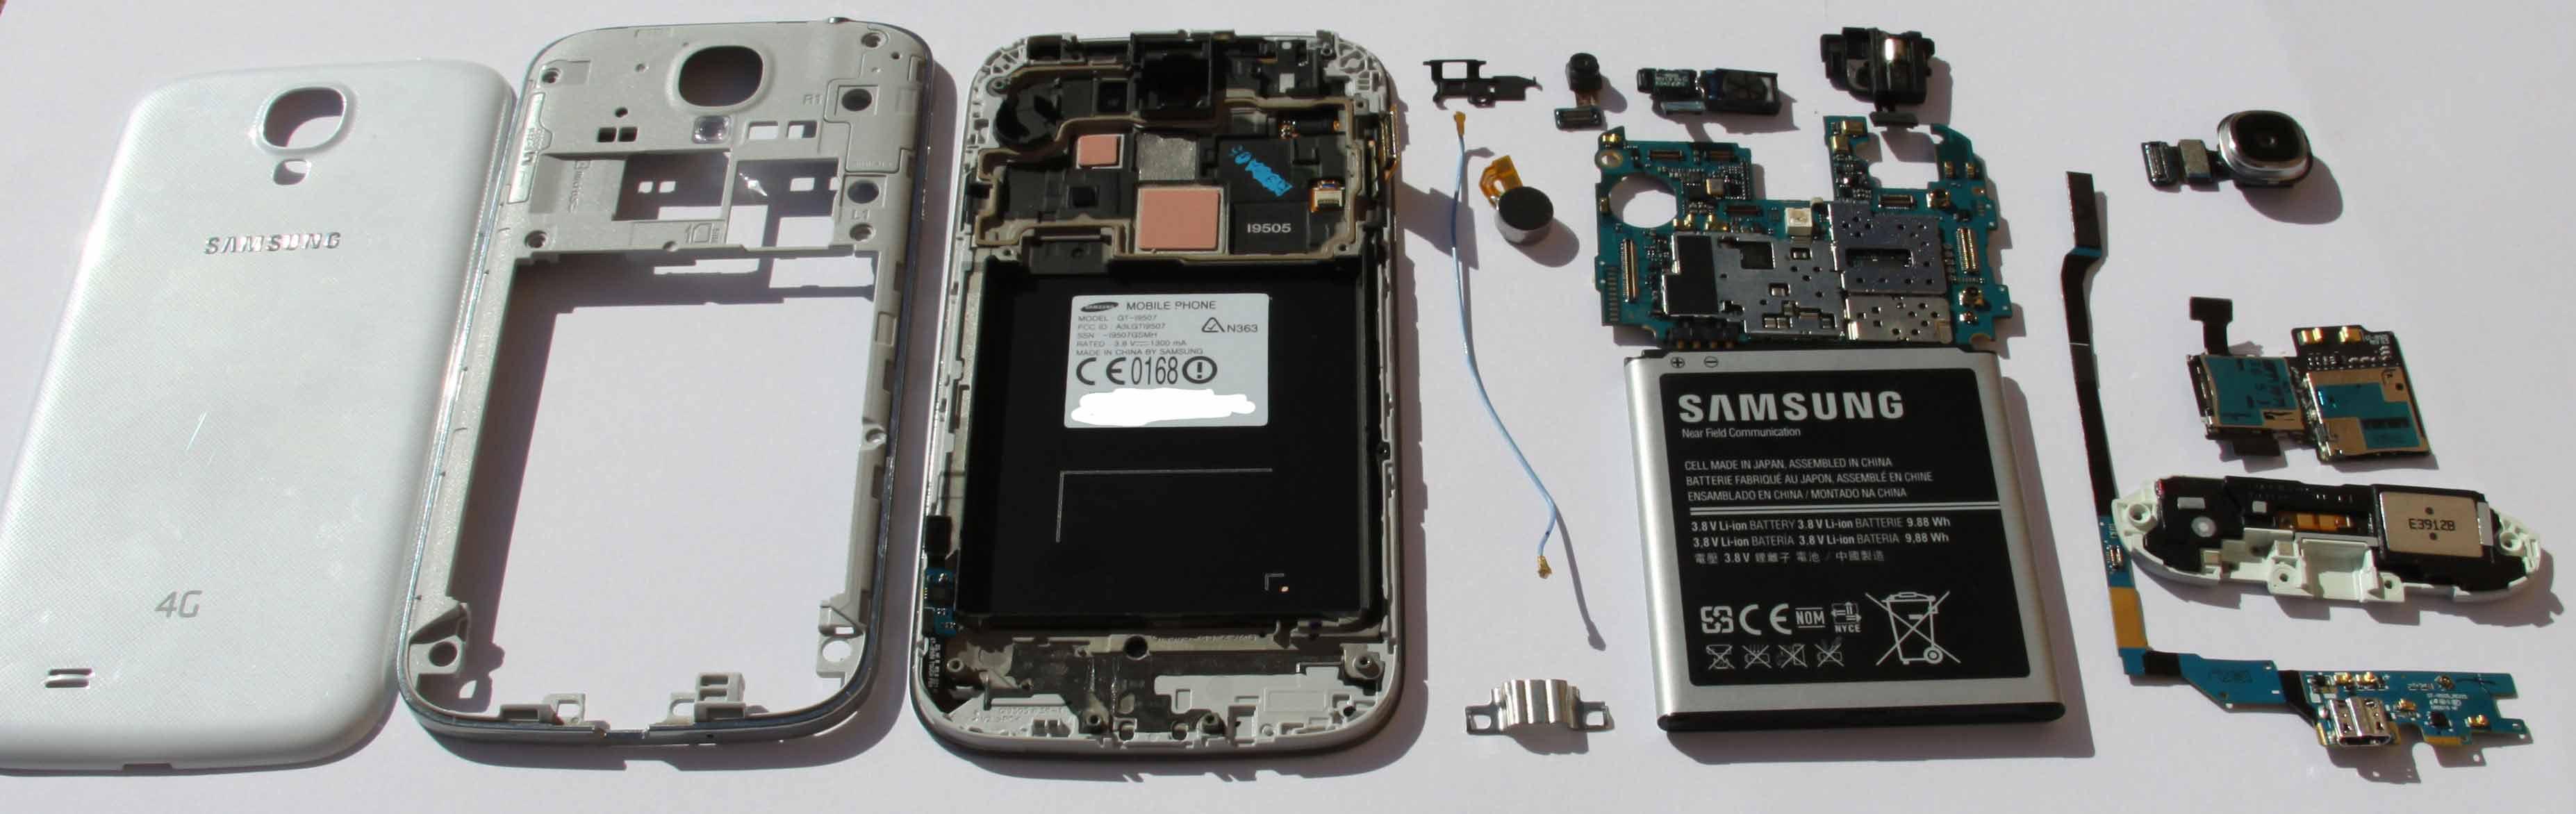 Wiring Diagram  33 Samsung Galaxy S4 Parts Diagram